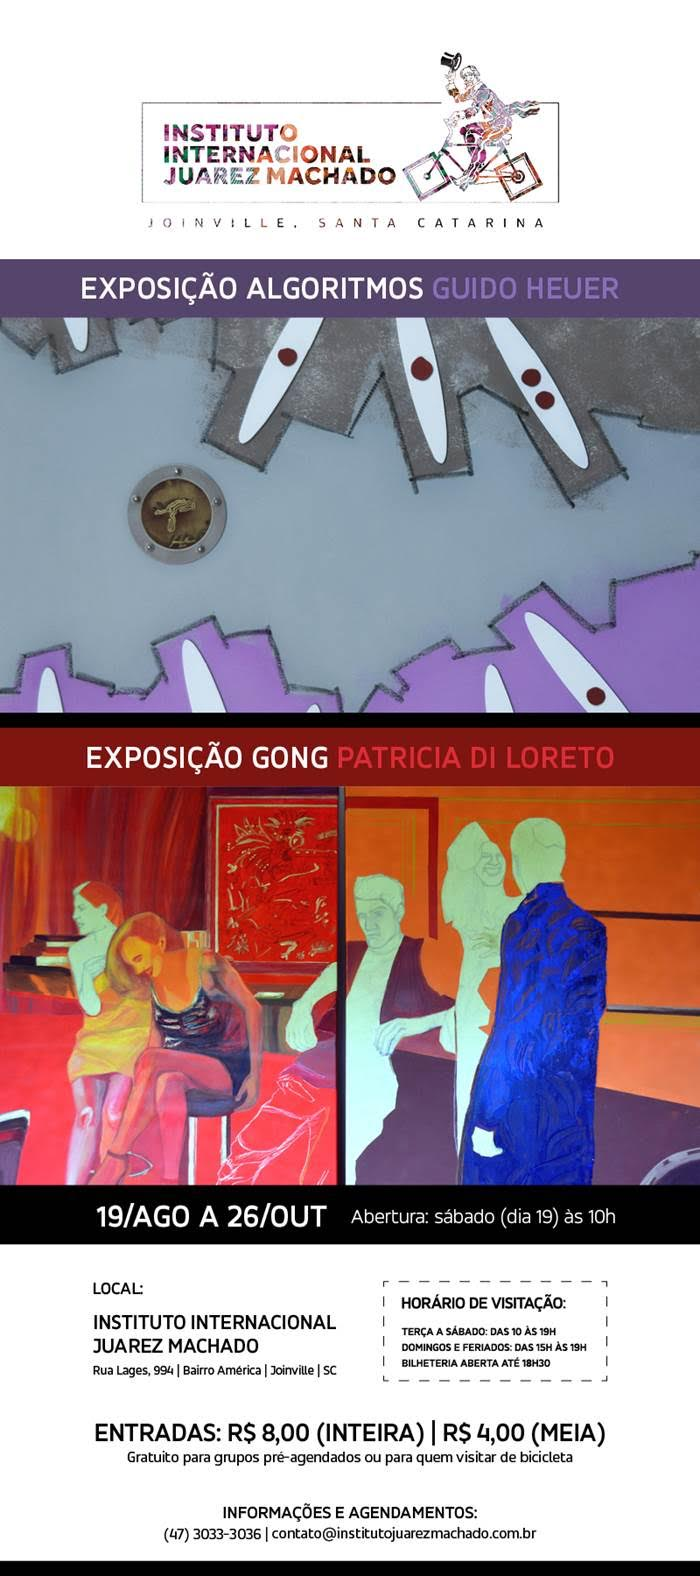 Exposições Gong Patricia Di Loreto e Algoritmos Guido Heuer